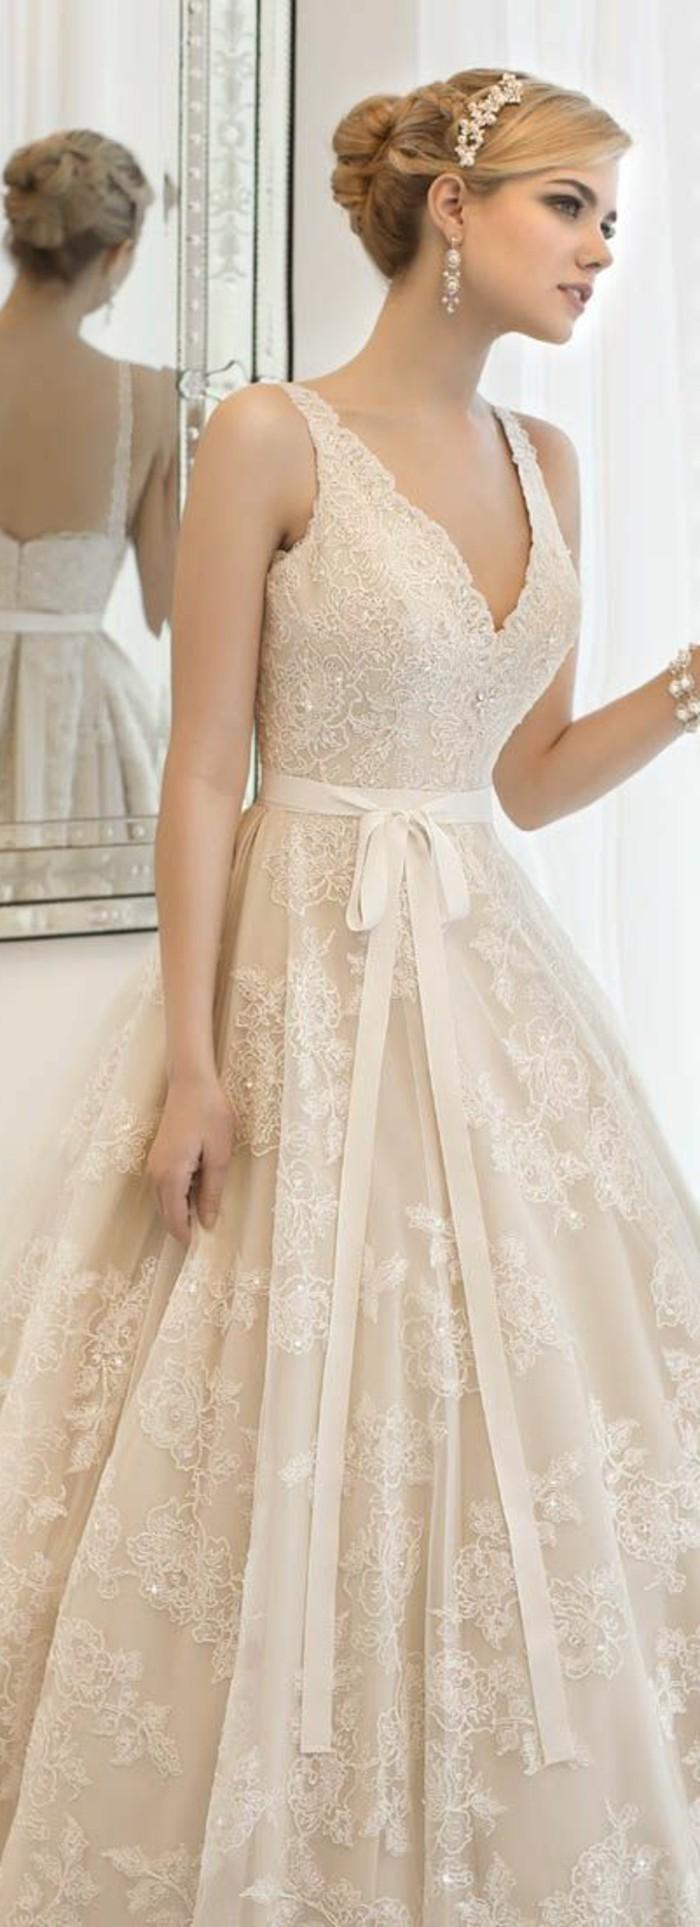 48cc0a0cd17 Rosa Brautkleid für einen glamourösen Hochzeits-Look - Archzine.net